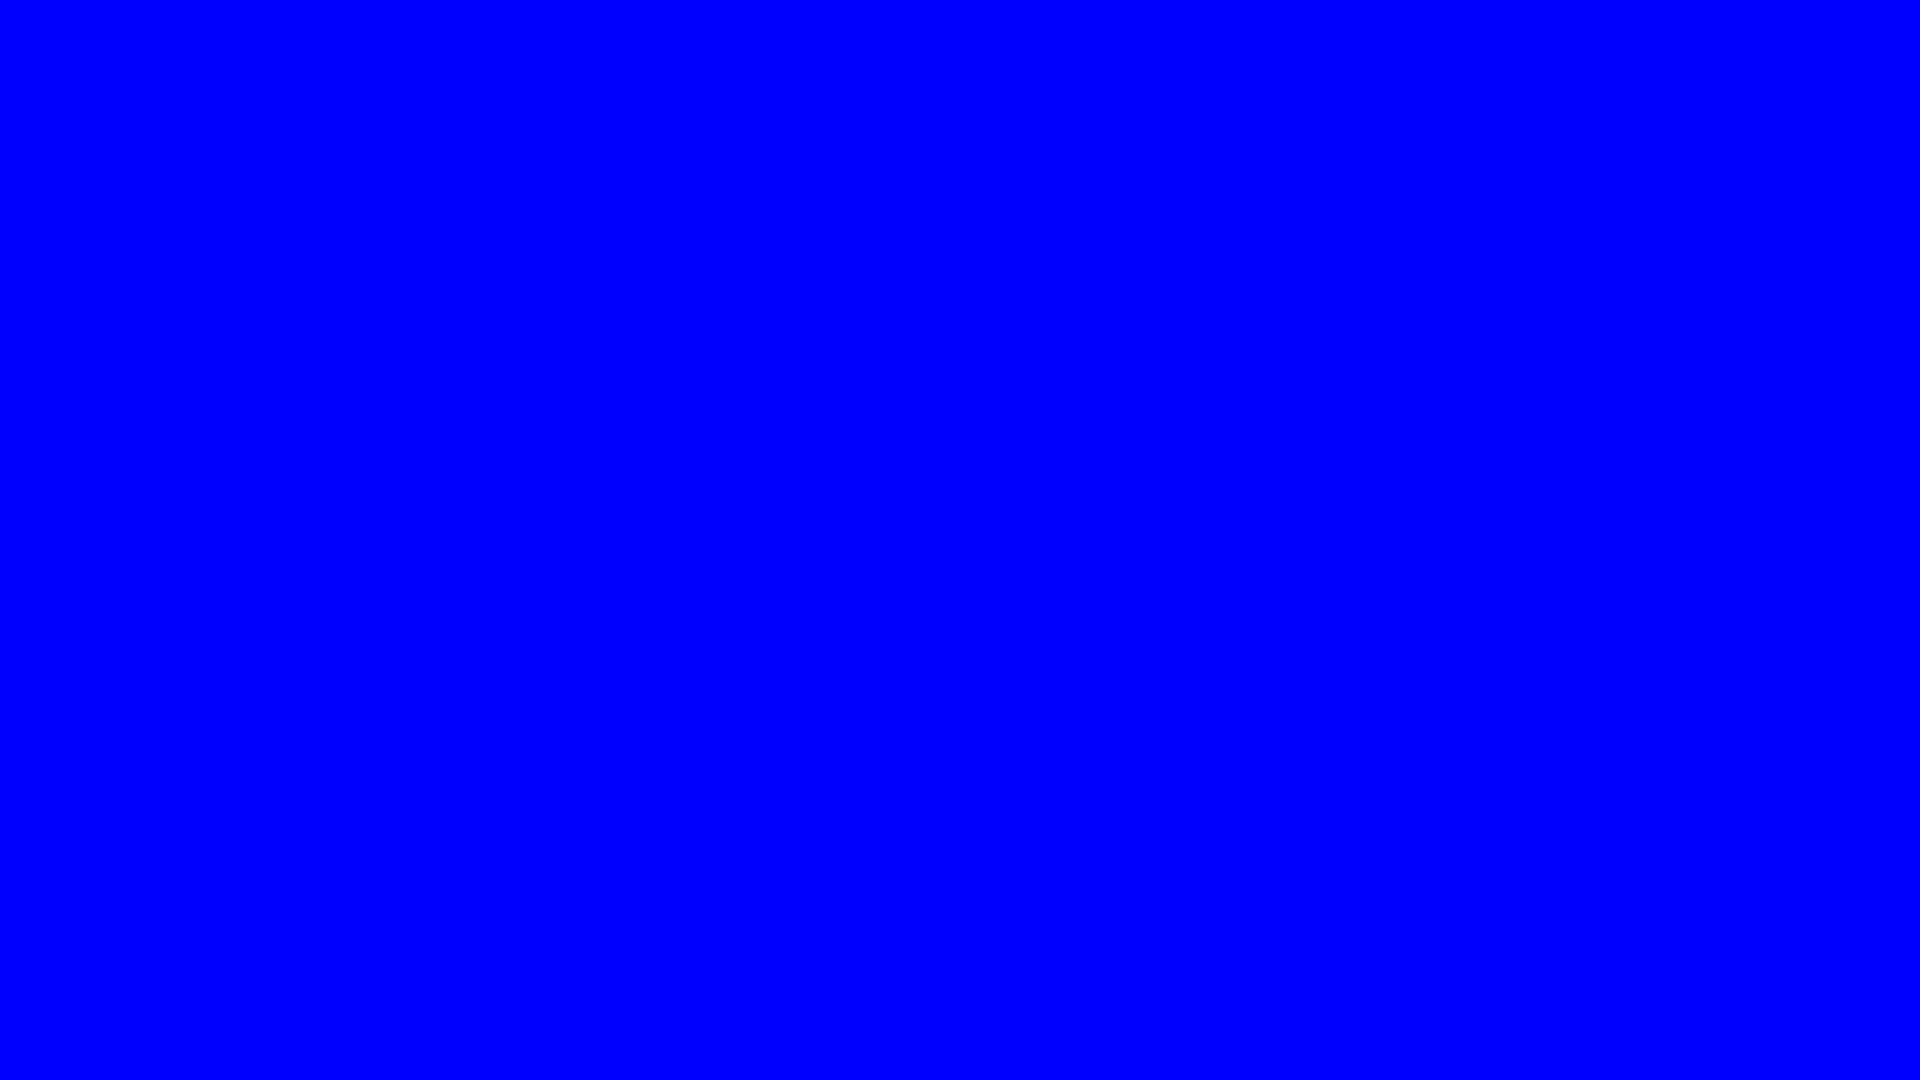 blue color wallpaper 64 images